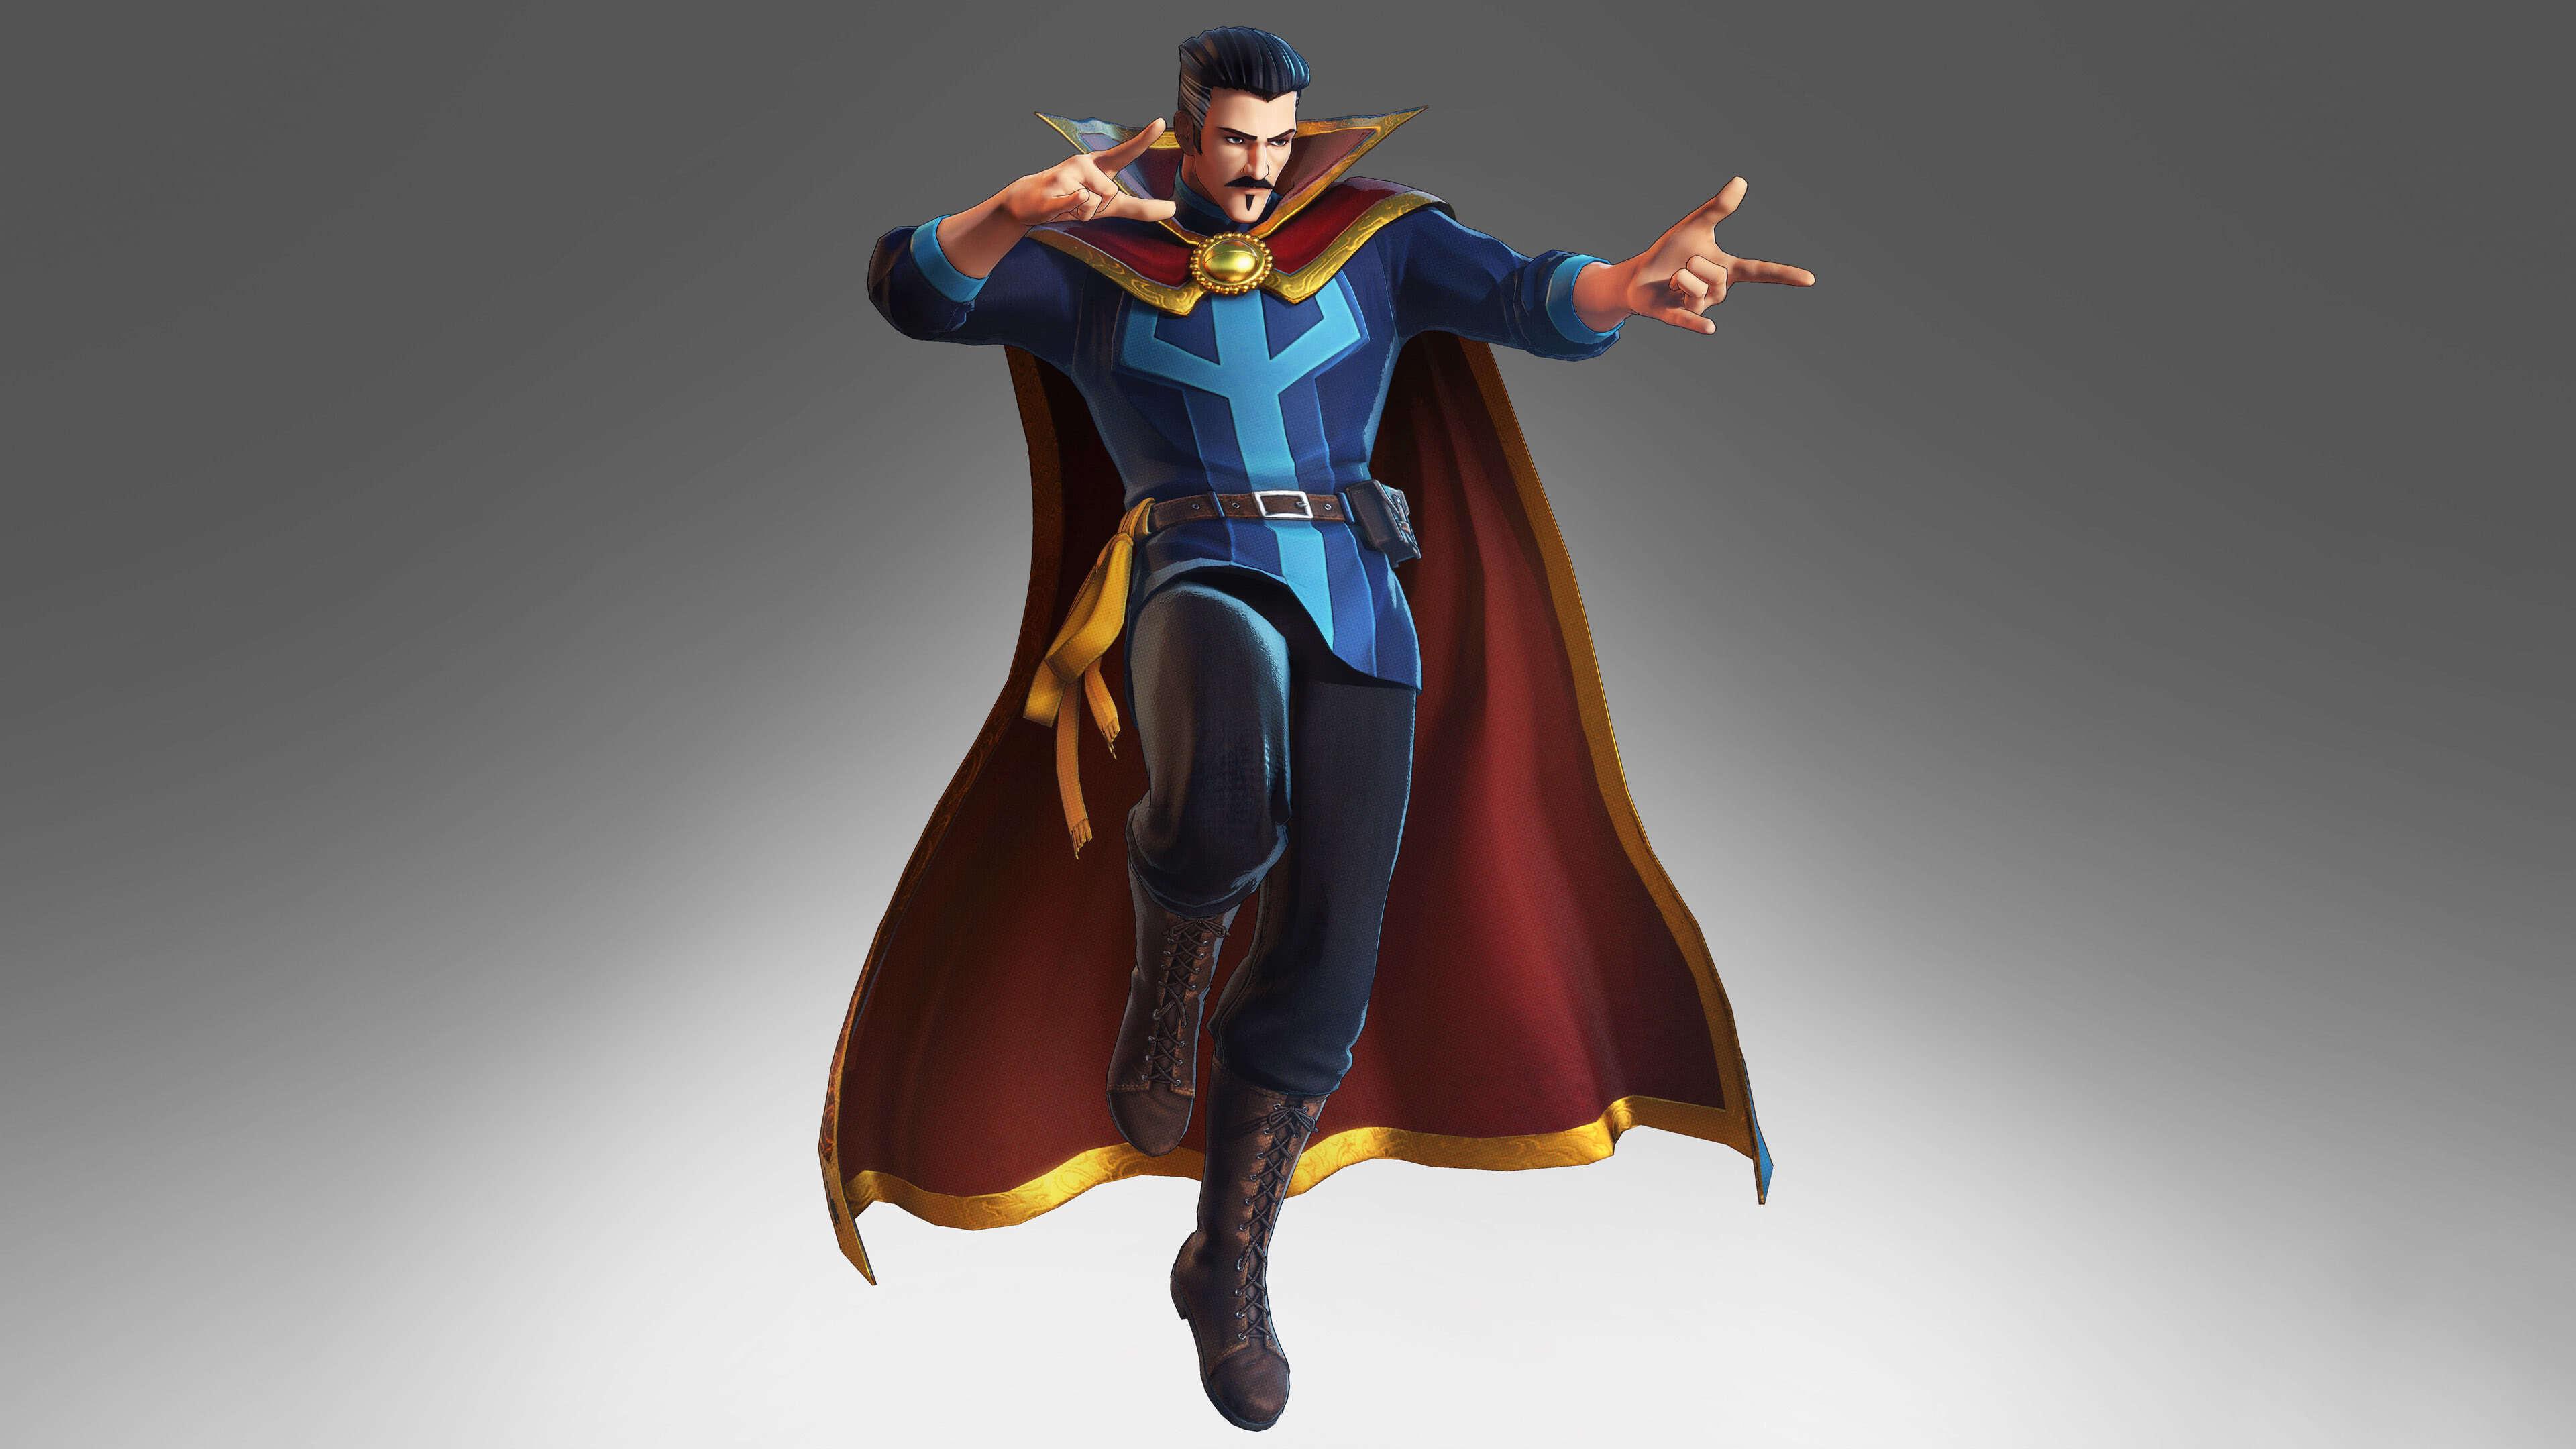 marvel ultimate alliance 3 doctor strange uhd 4k wallpaper